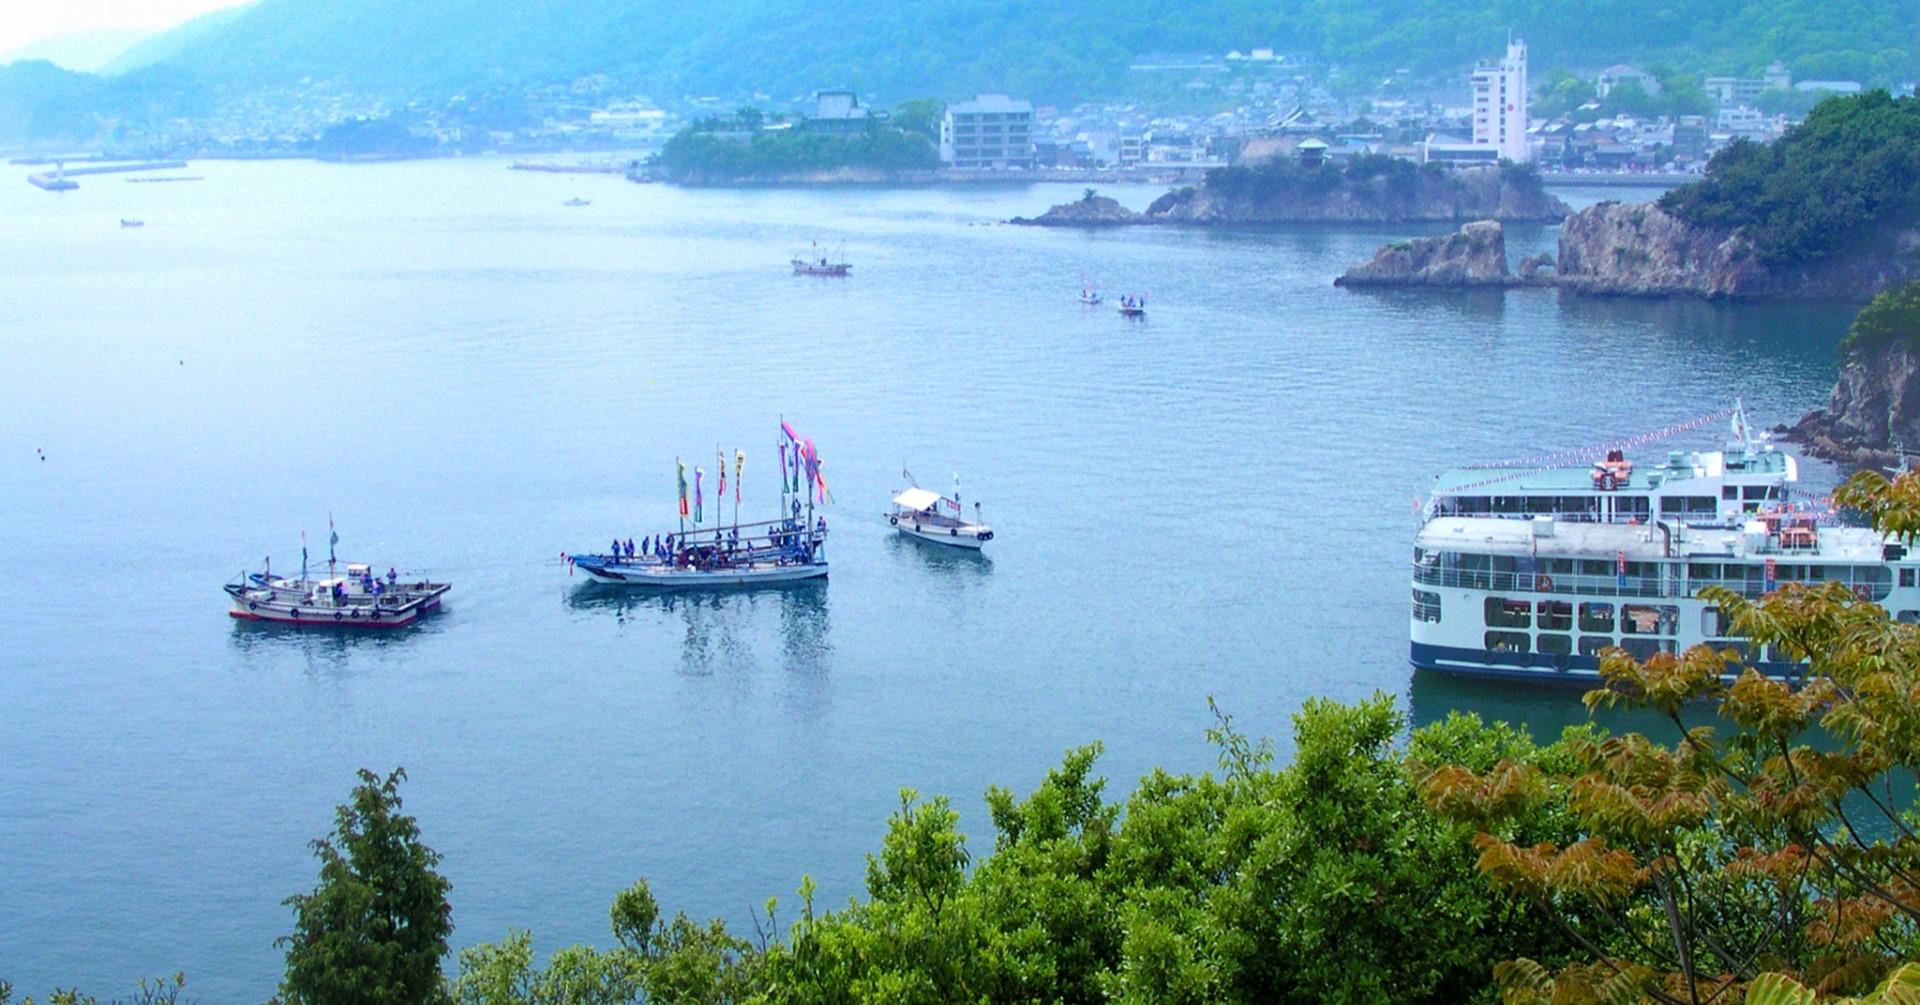 鞆の浦の海(photoAC出典:kakkikoさん)